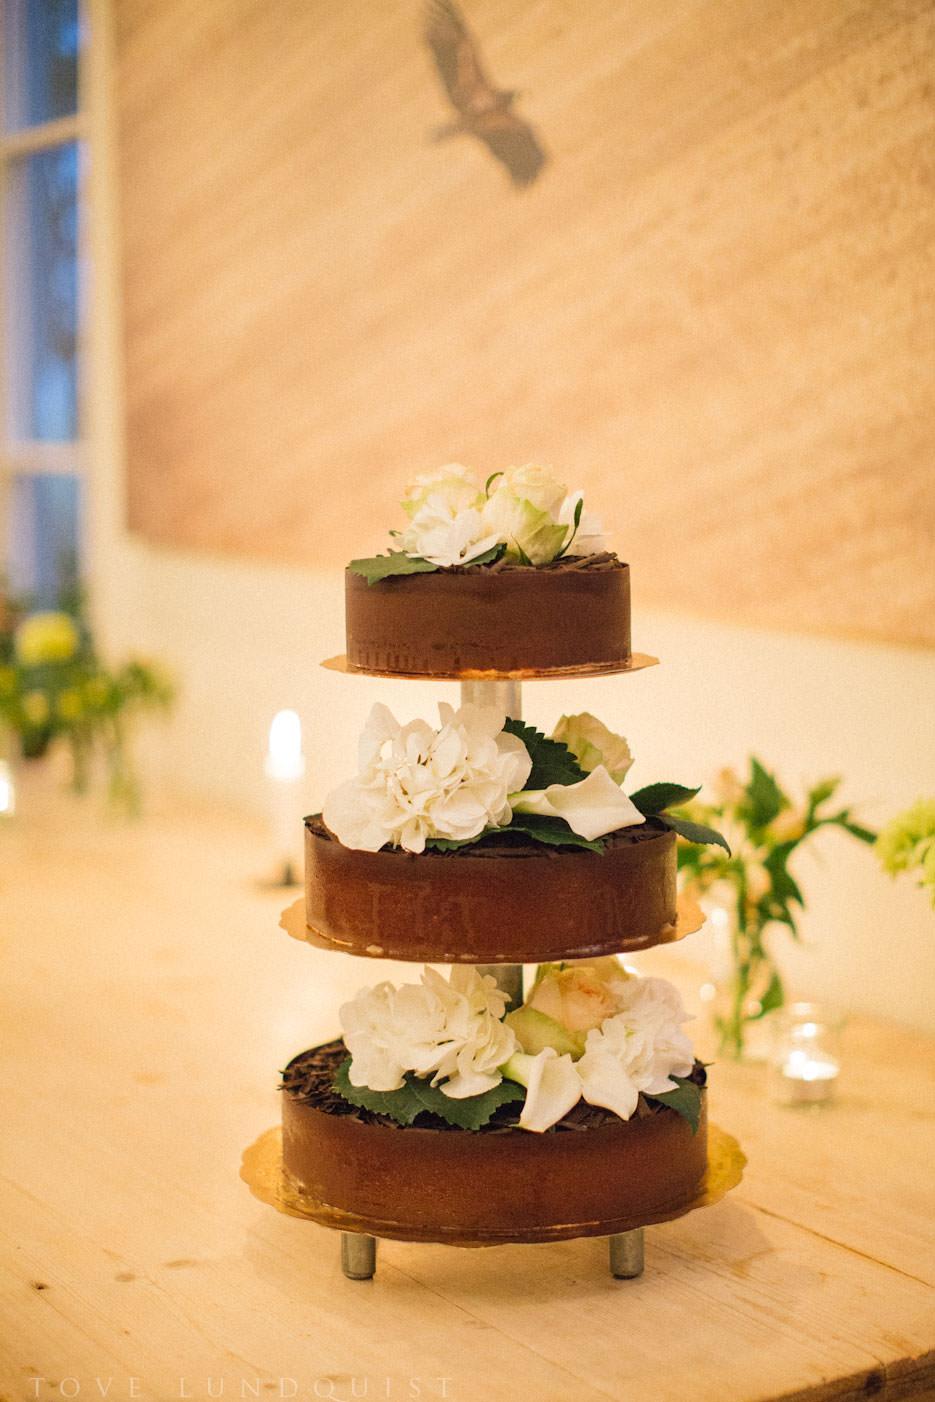 Tårta från Olof Viktors, Skåne. Foto: Tove Lundquist.